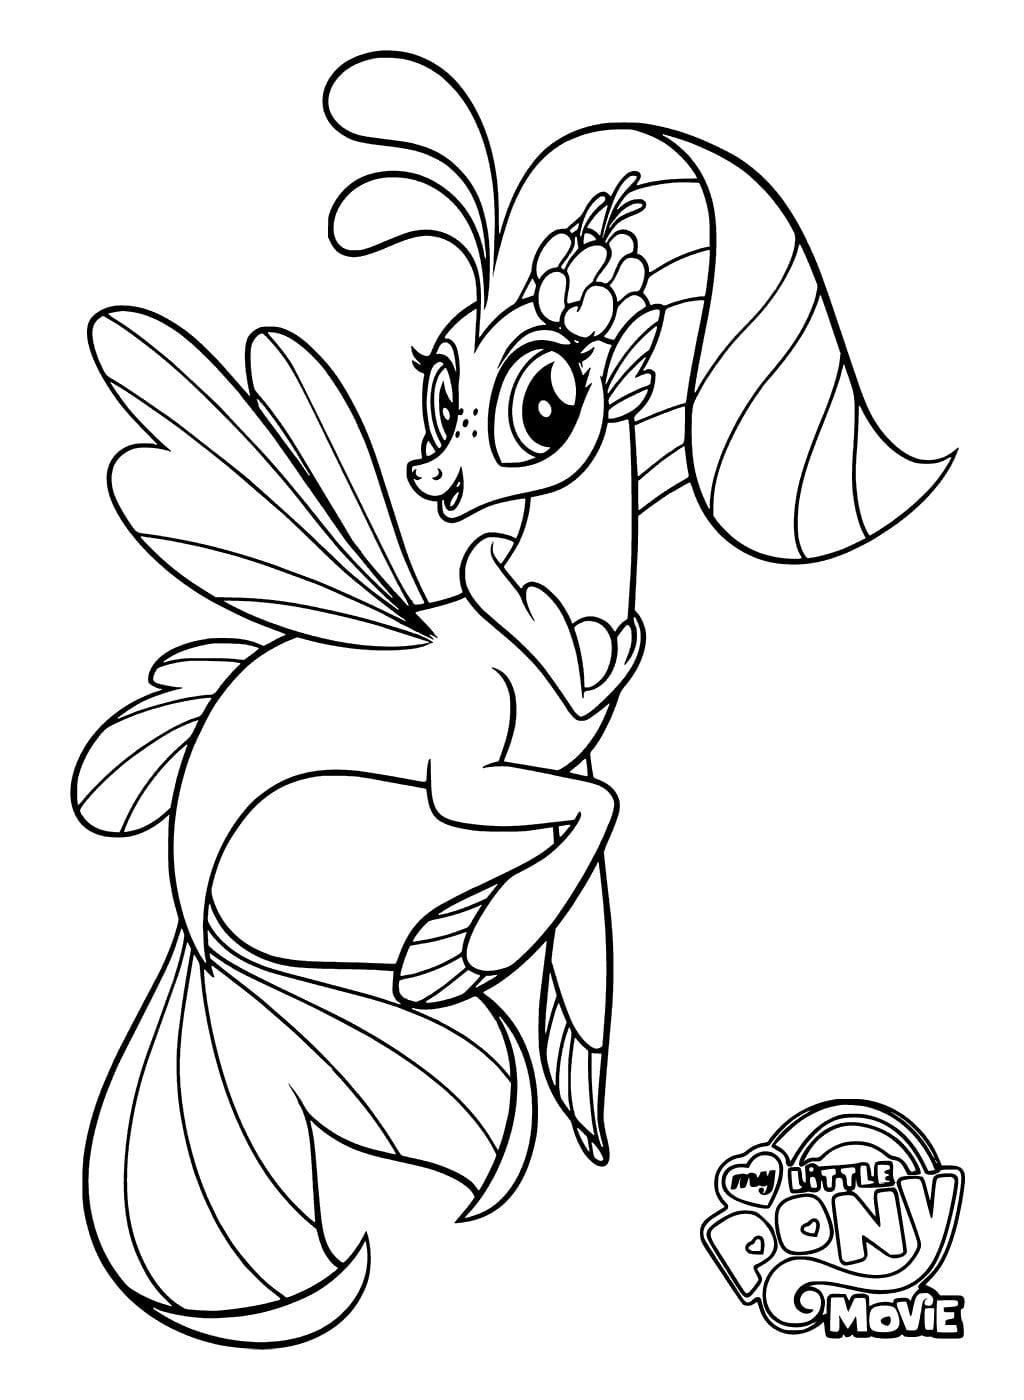 раскраски май литл пони распечатайте бесплатно онлайн 100 штук